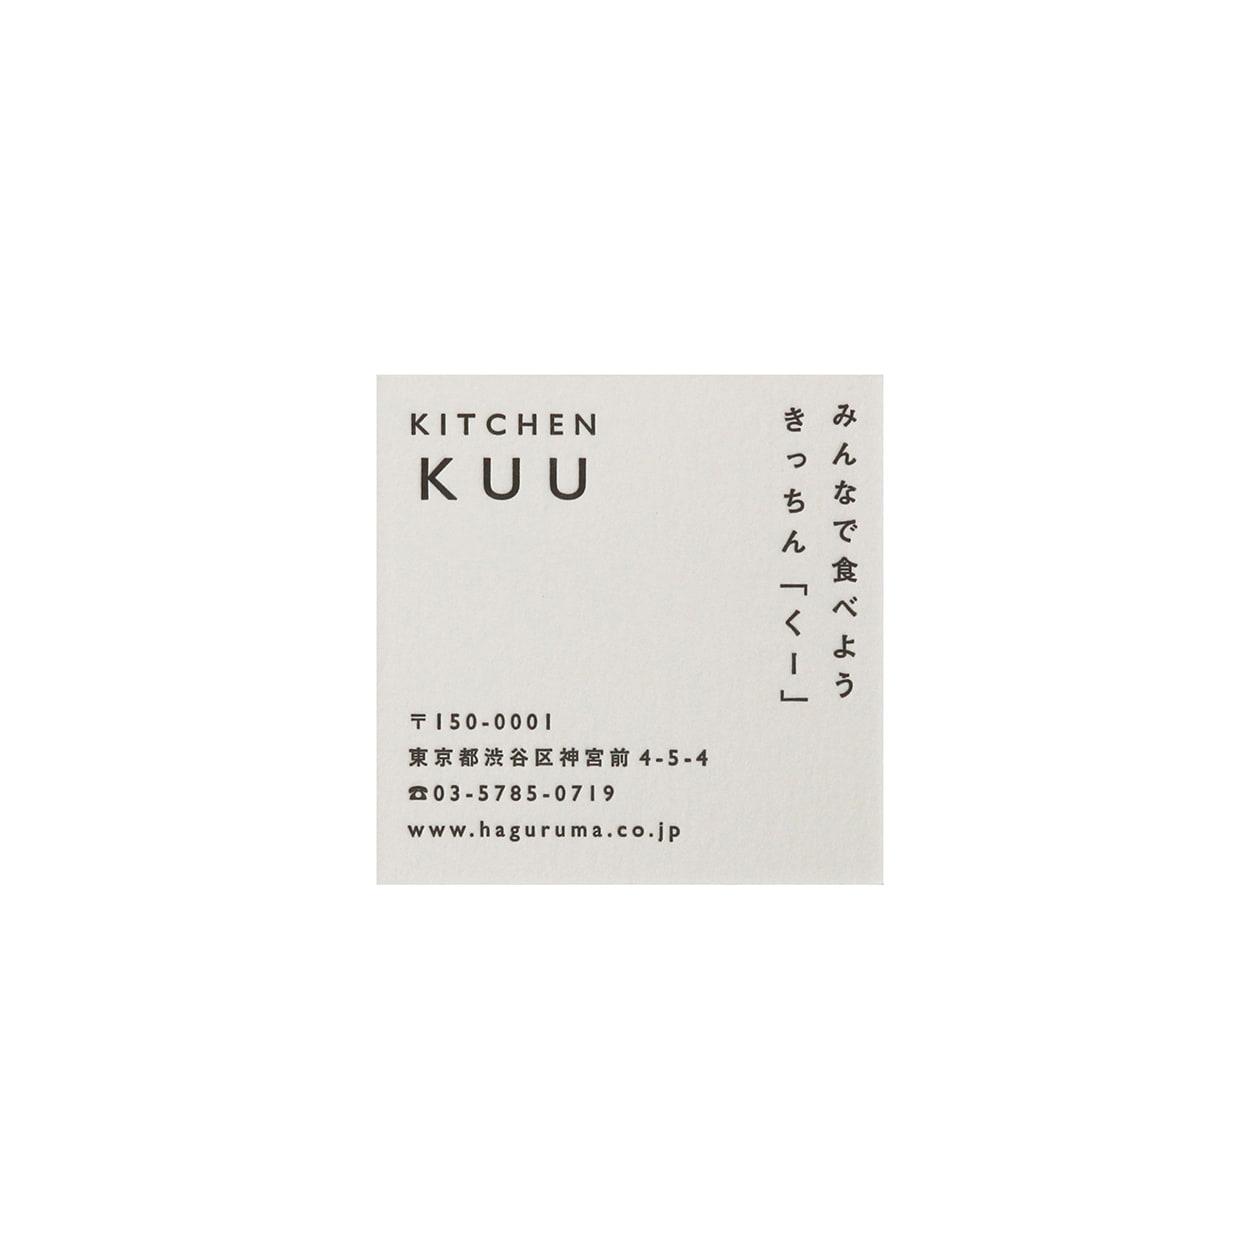 サンプル カード・シート 00226